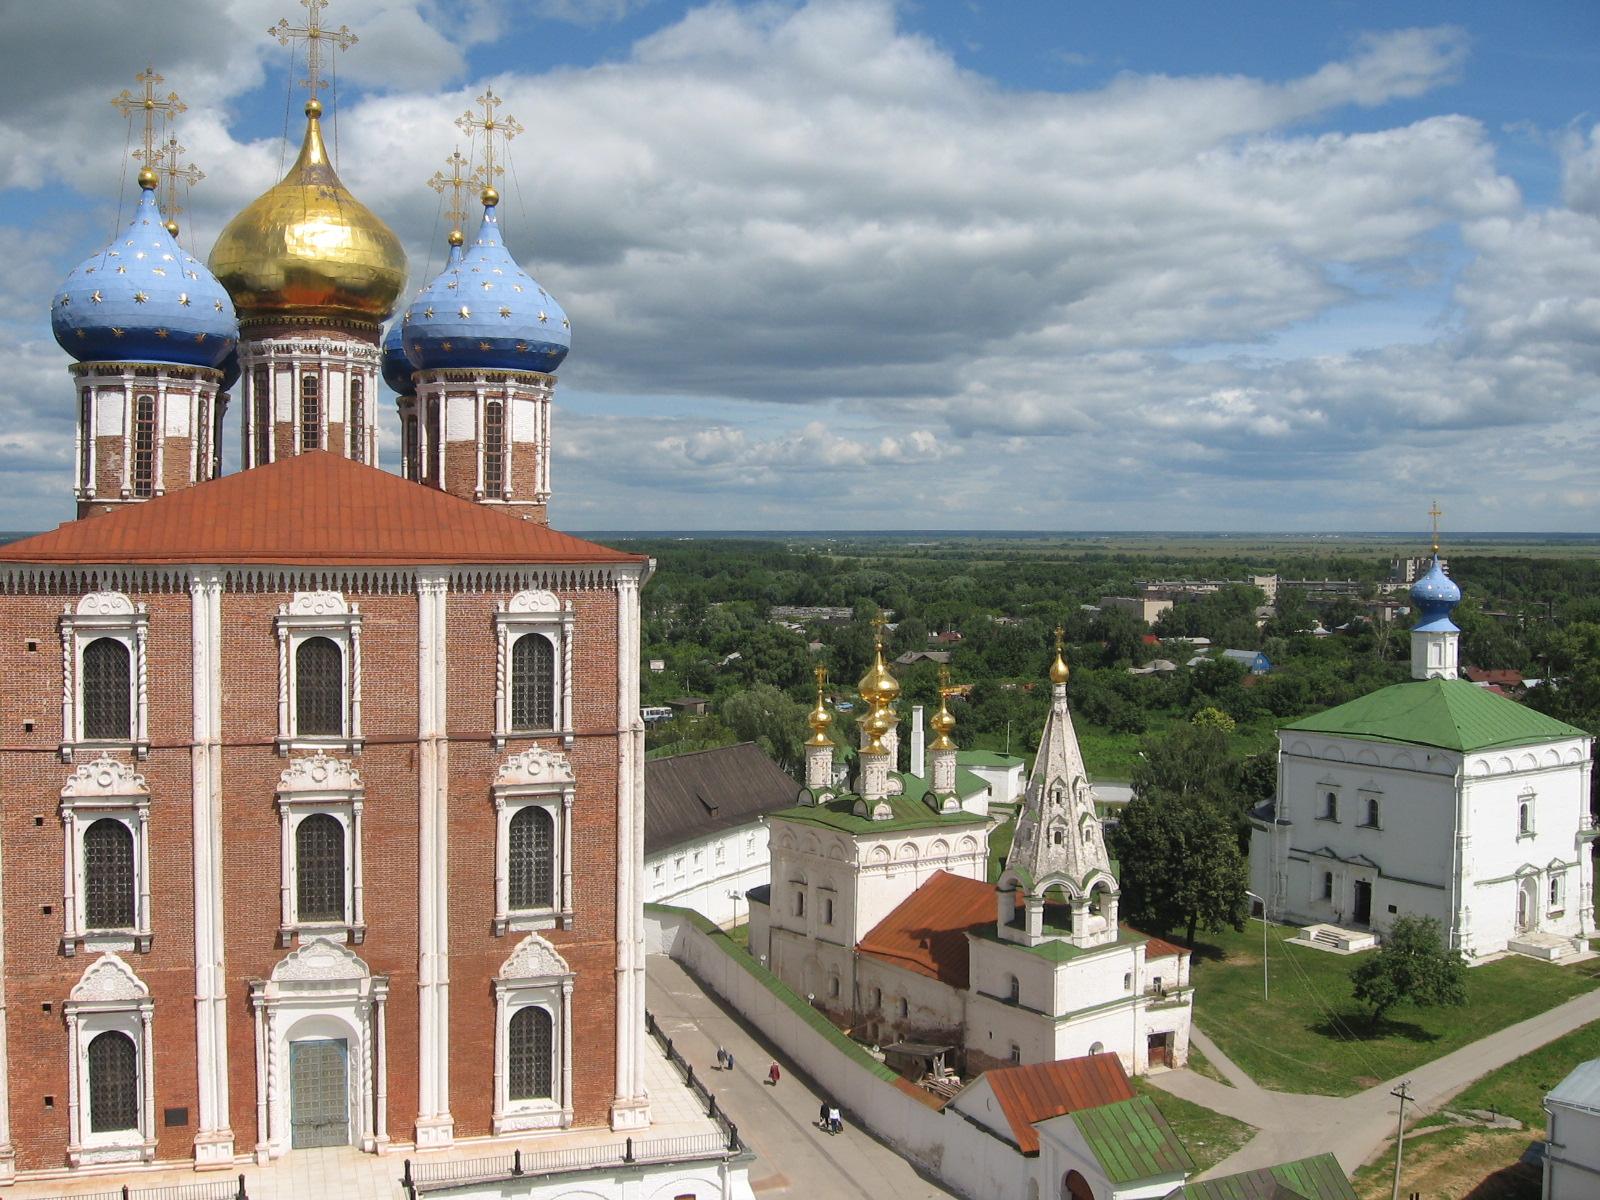 Uspensky Cathedral in Ryazan